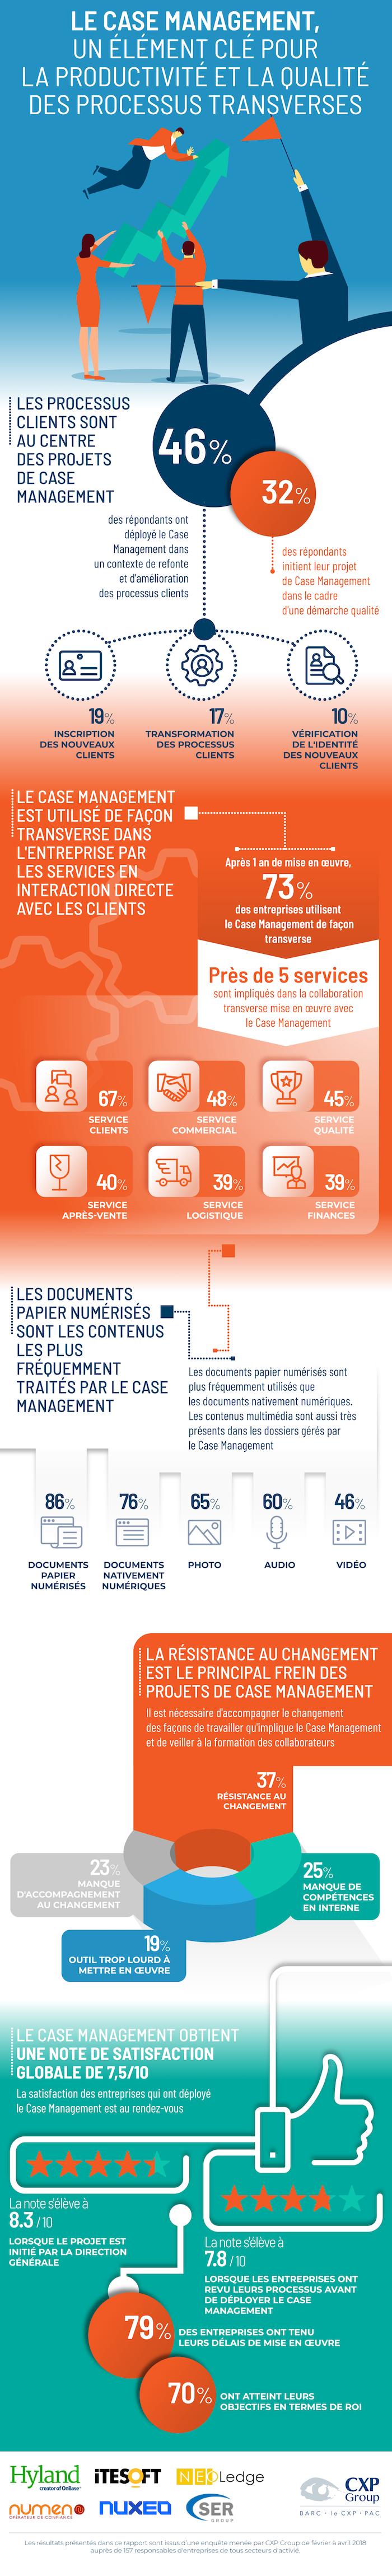 cxp_infographie_case-management